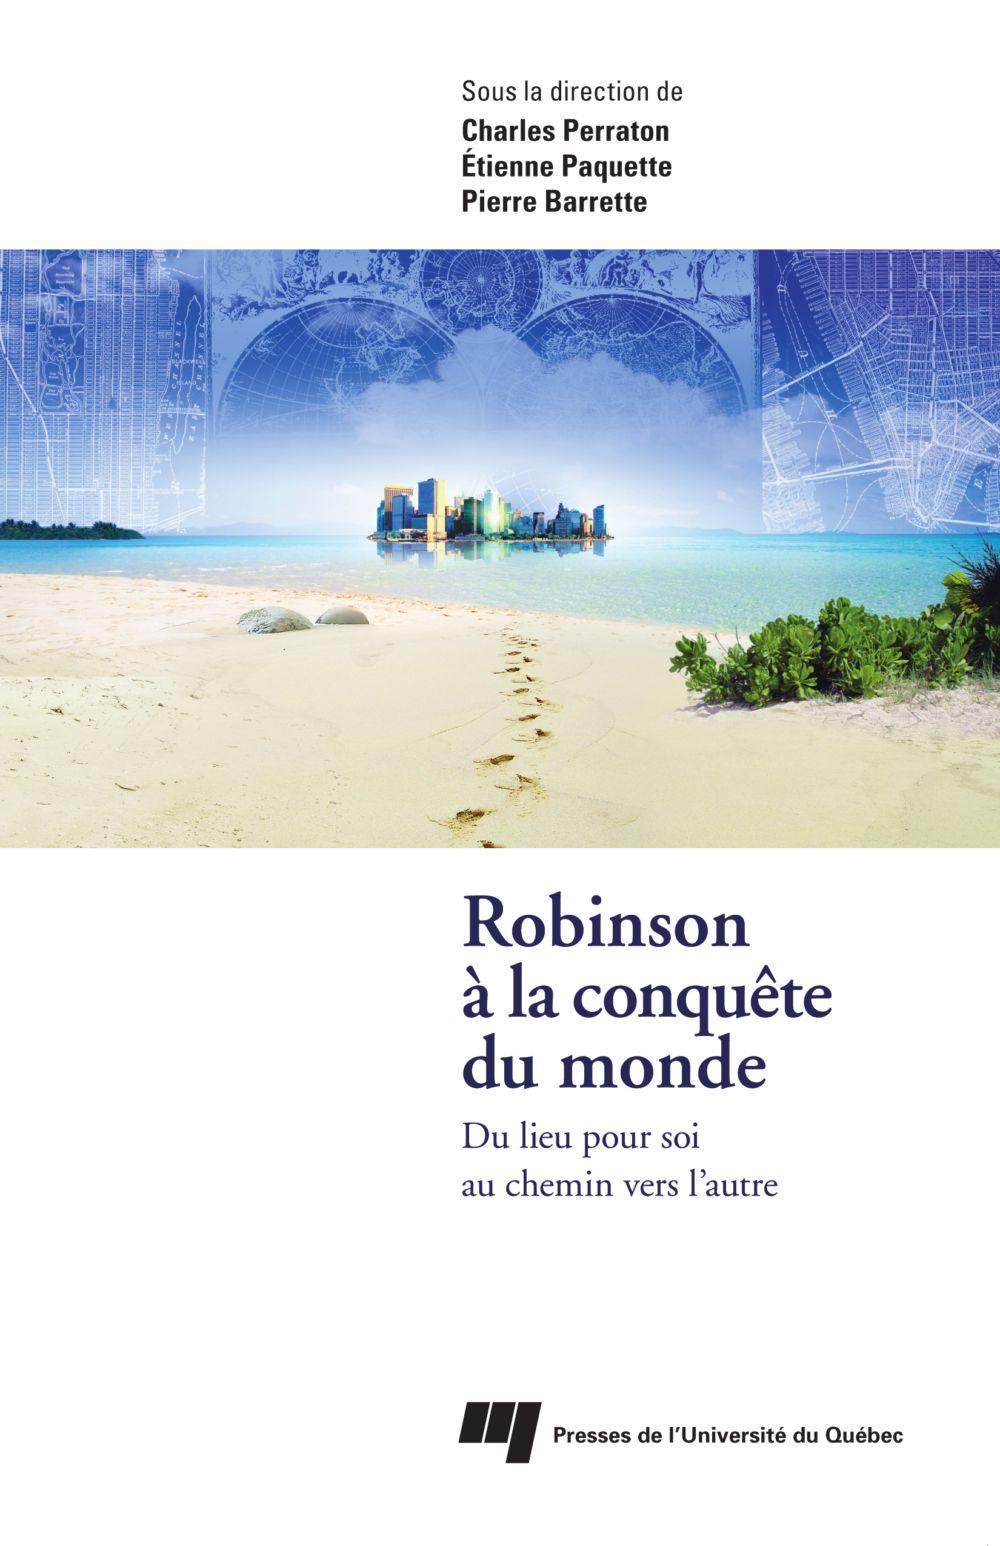 Robinson à la conquête du monde